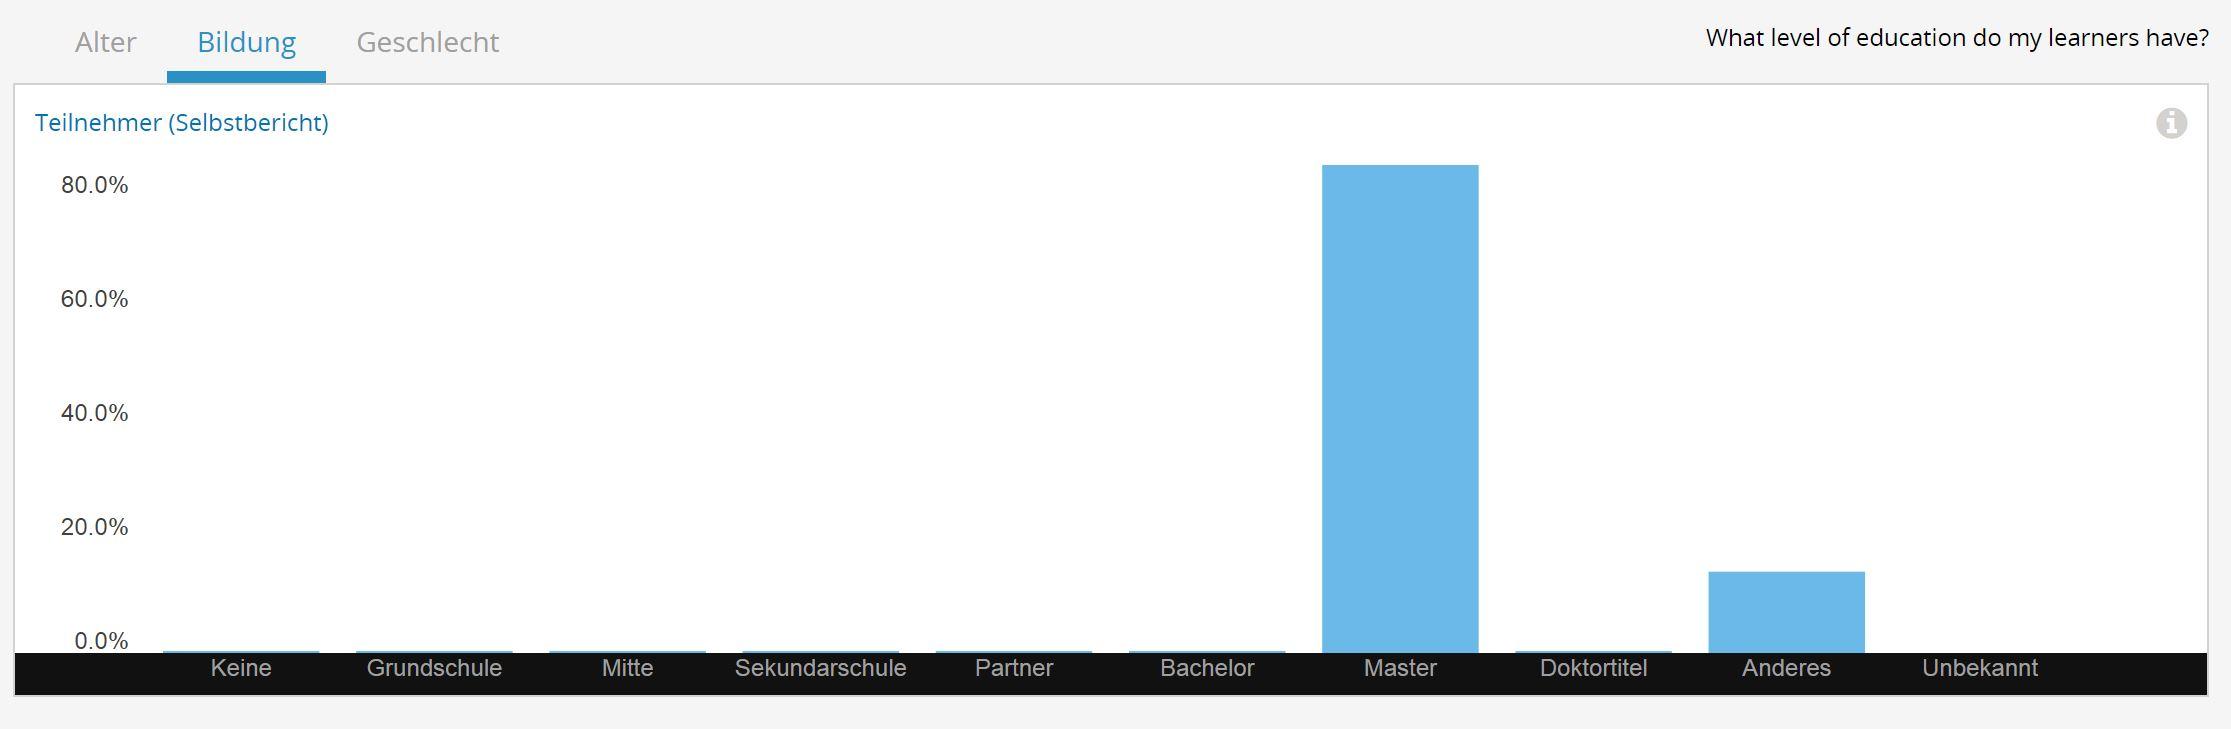 Grafik zum allgemeinen Bildungsstand der Teilnehmer